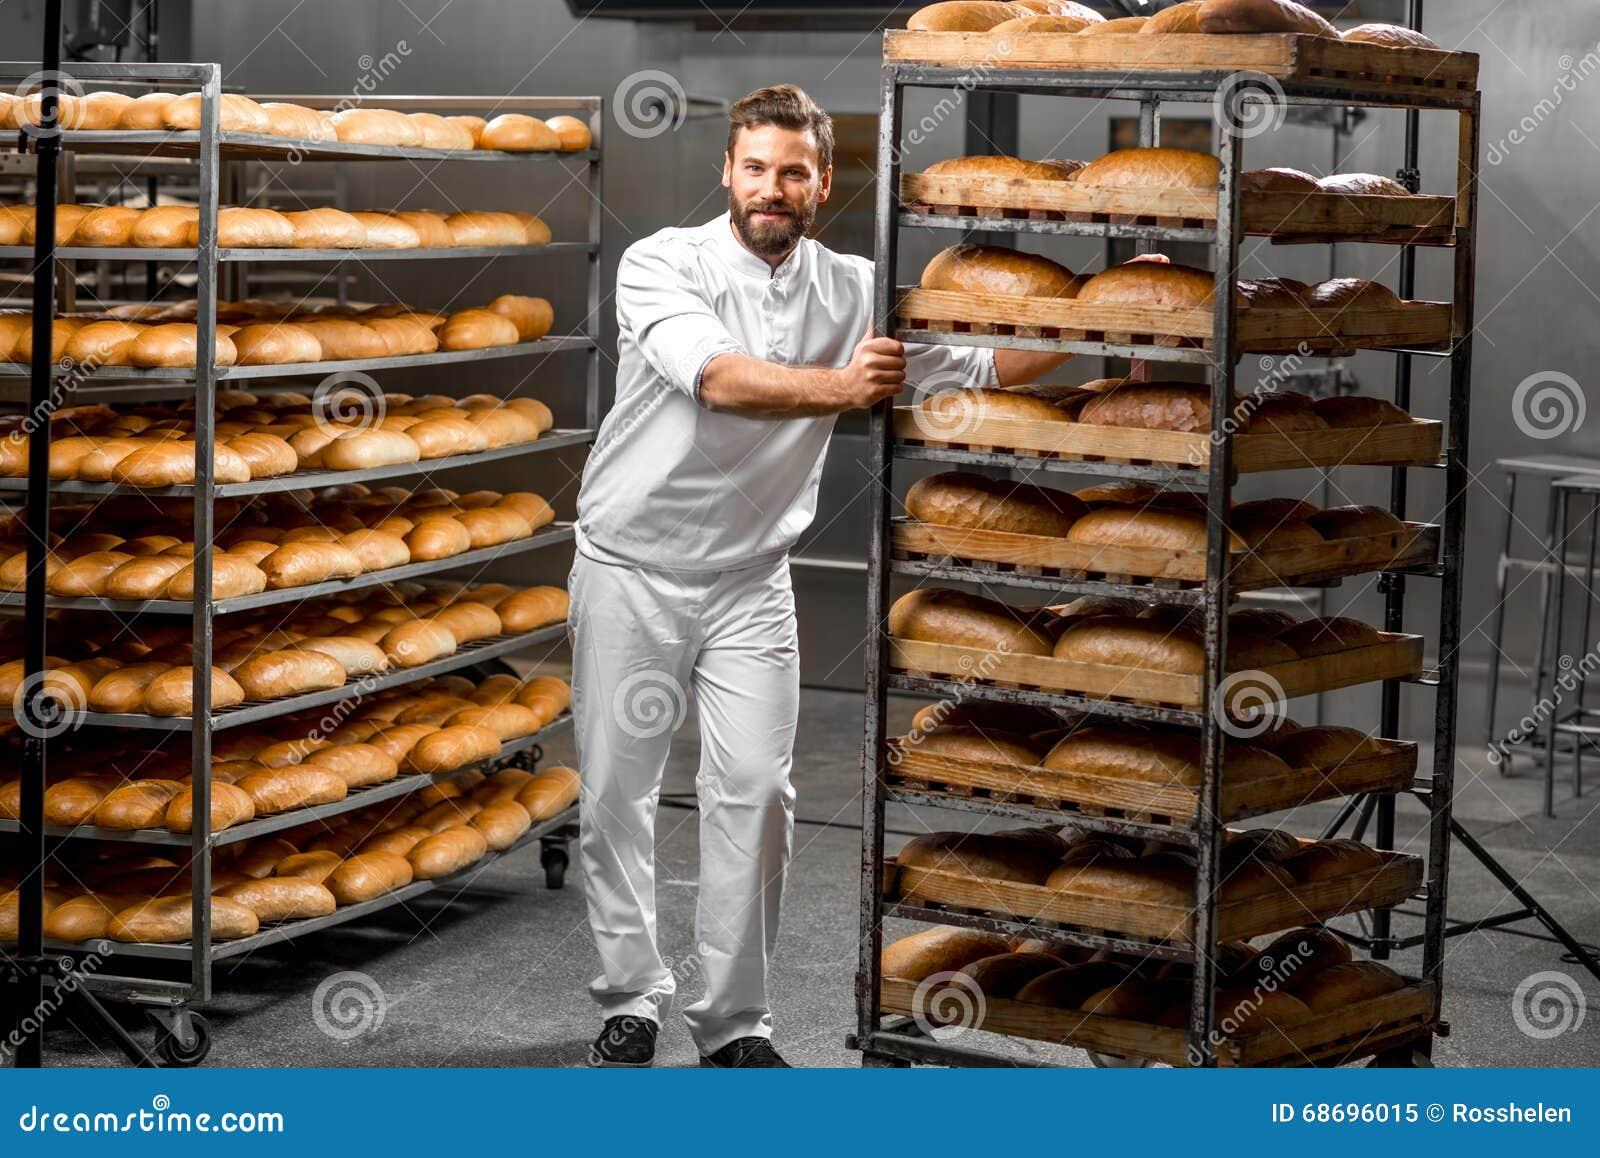 Prateleiras levando do trabalhador com pão